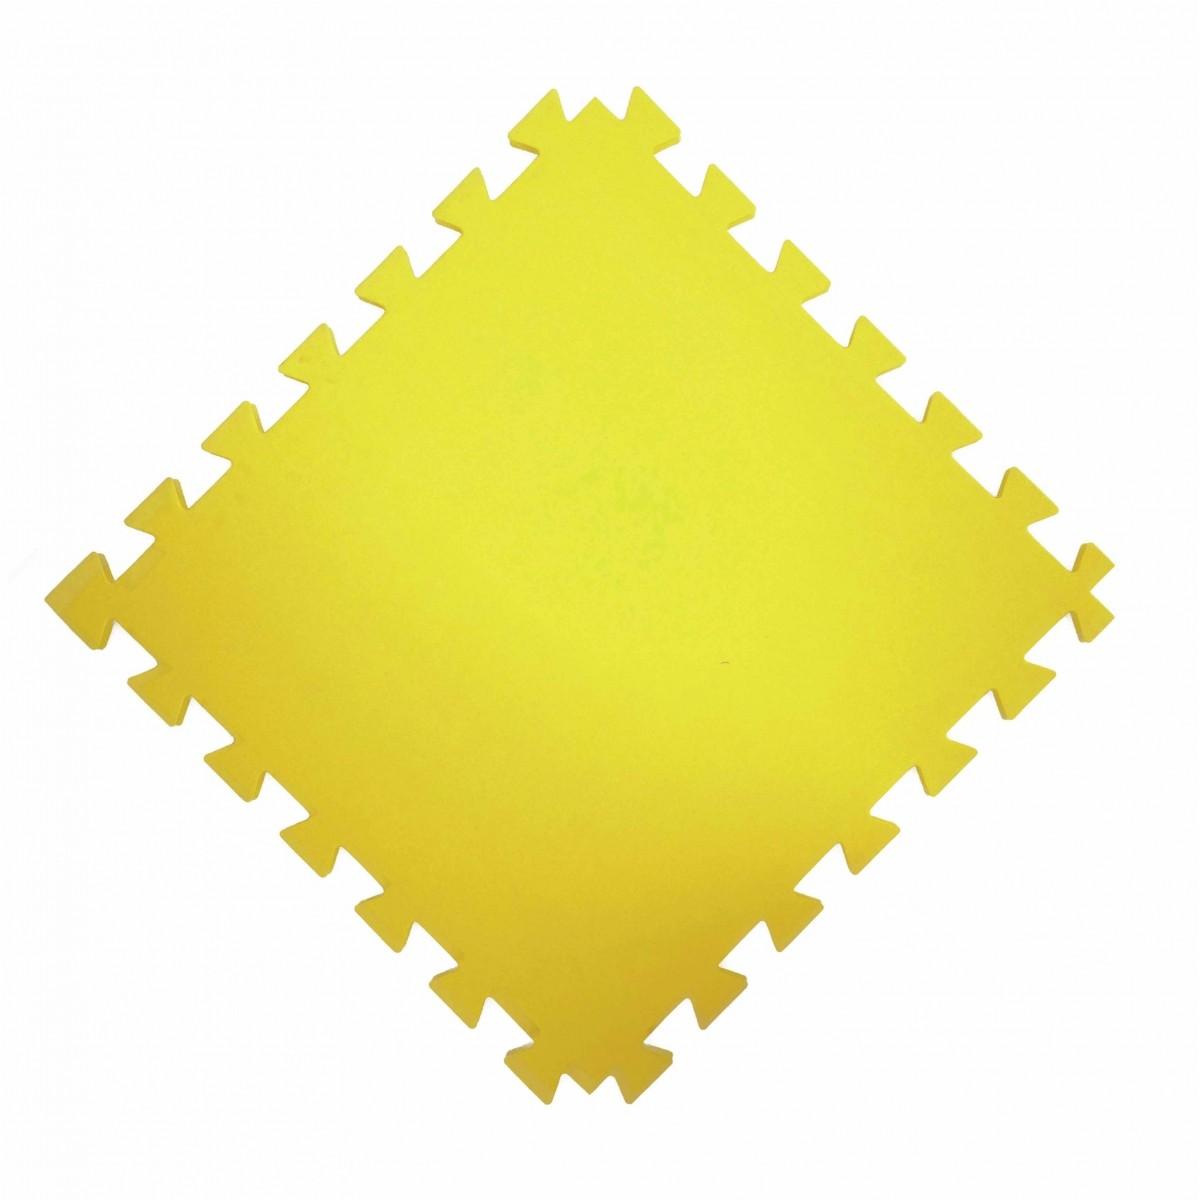 Tatame  100x100cm Com 30mm de Espessura   Amarelo  -